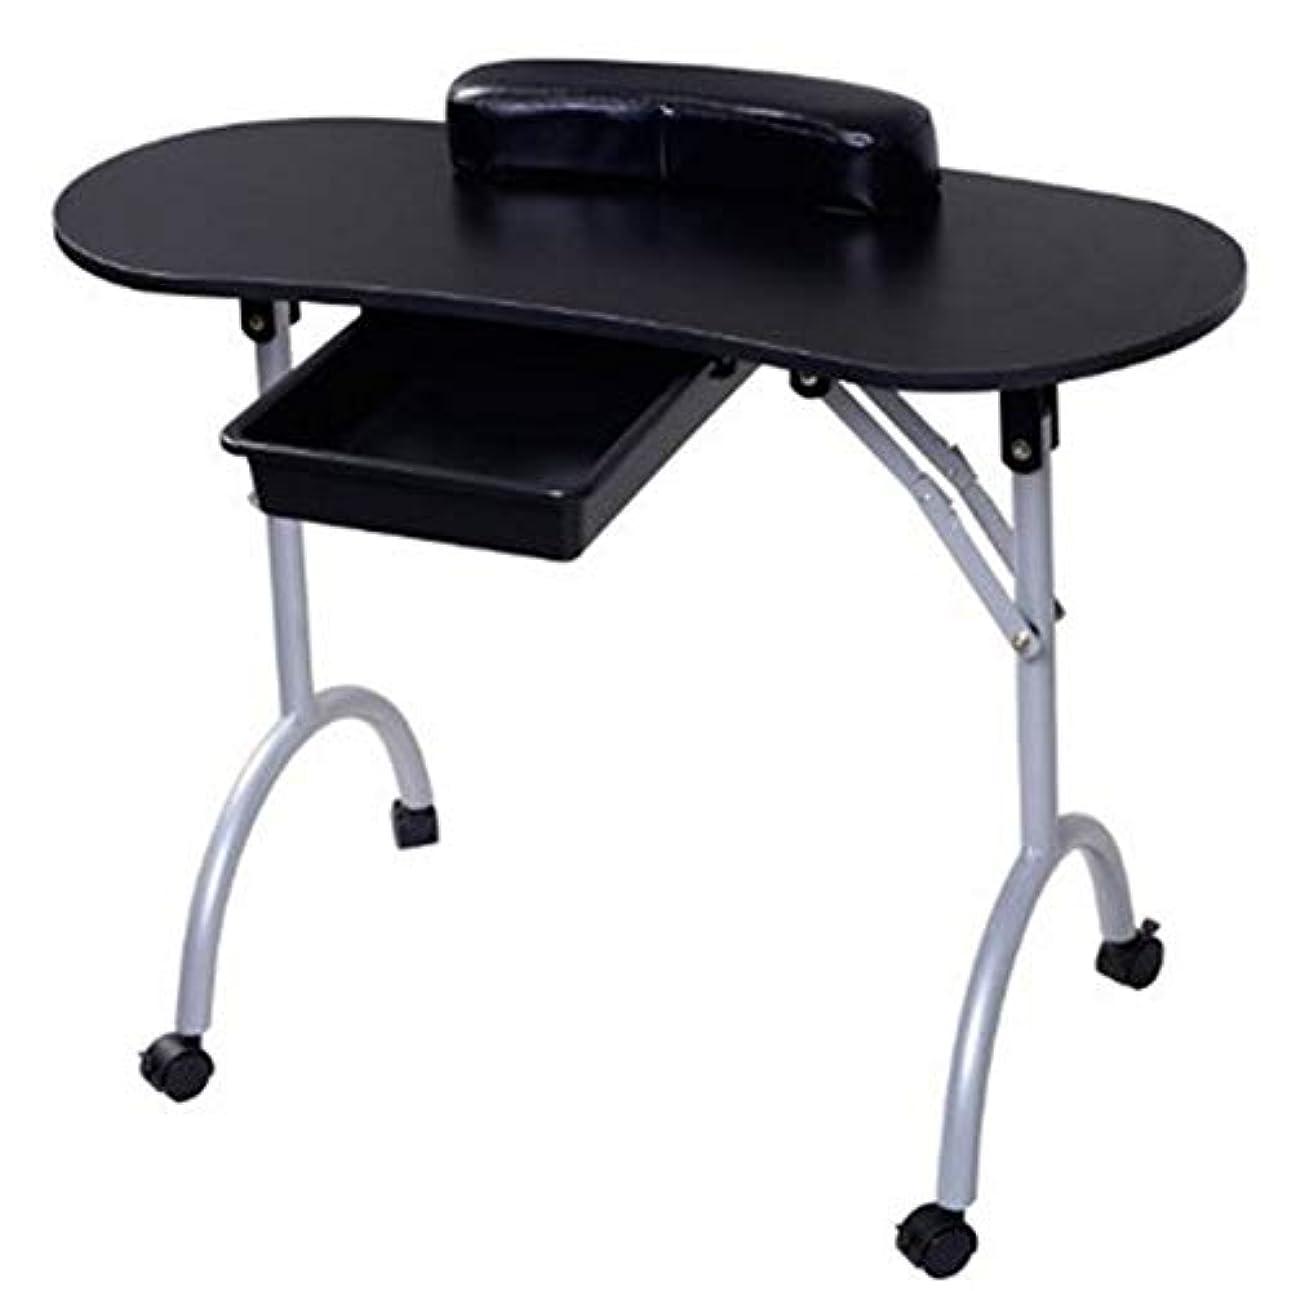 彼女均等に強化折りたたみネイルテーブルホームポータブルモバイルプーリー車スタジオビューティーサロンマニキュアテーブル引き出しとリストレストとキャリングバッグ,Black